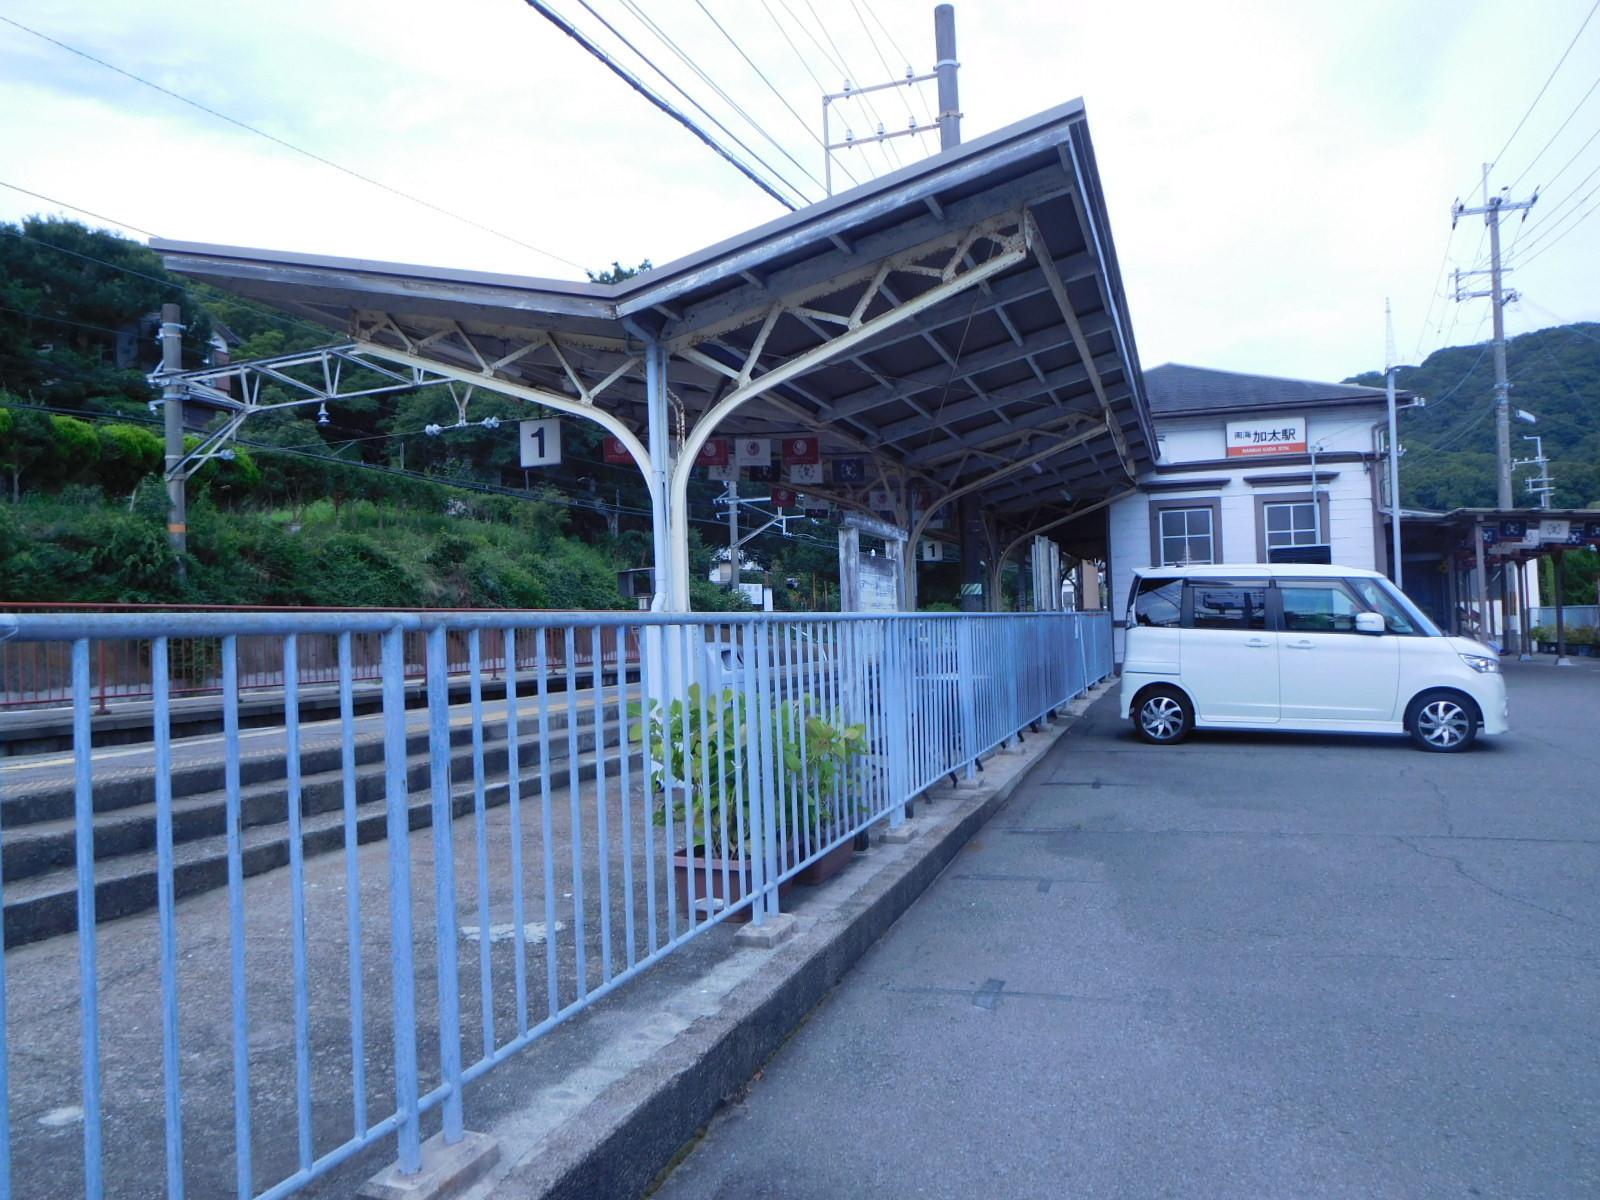 DSCN2498.jpg